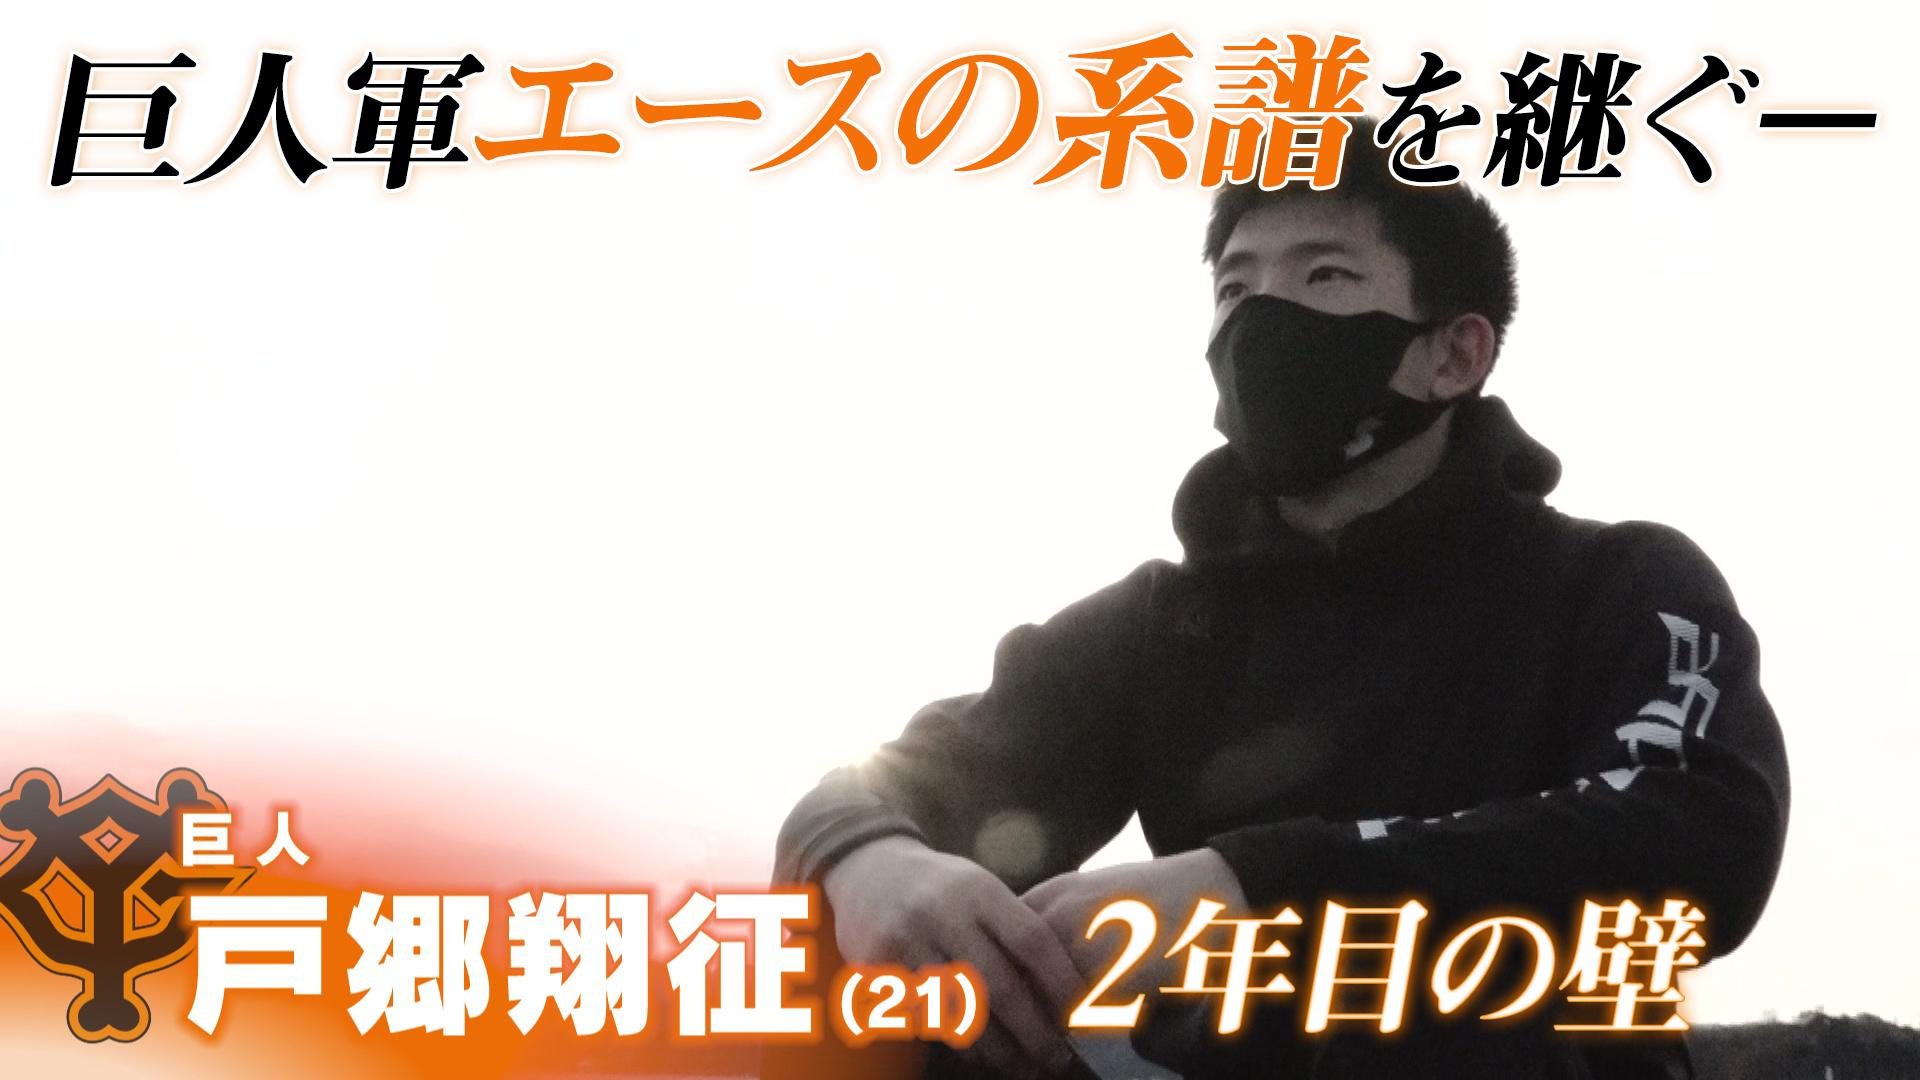 巨人・戸郷翔征 エース候補の苦悩と覚悟に迫る/Humanウォッチャー